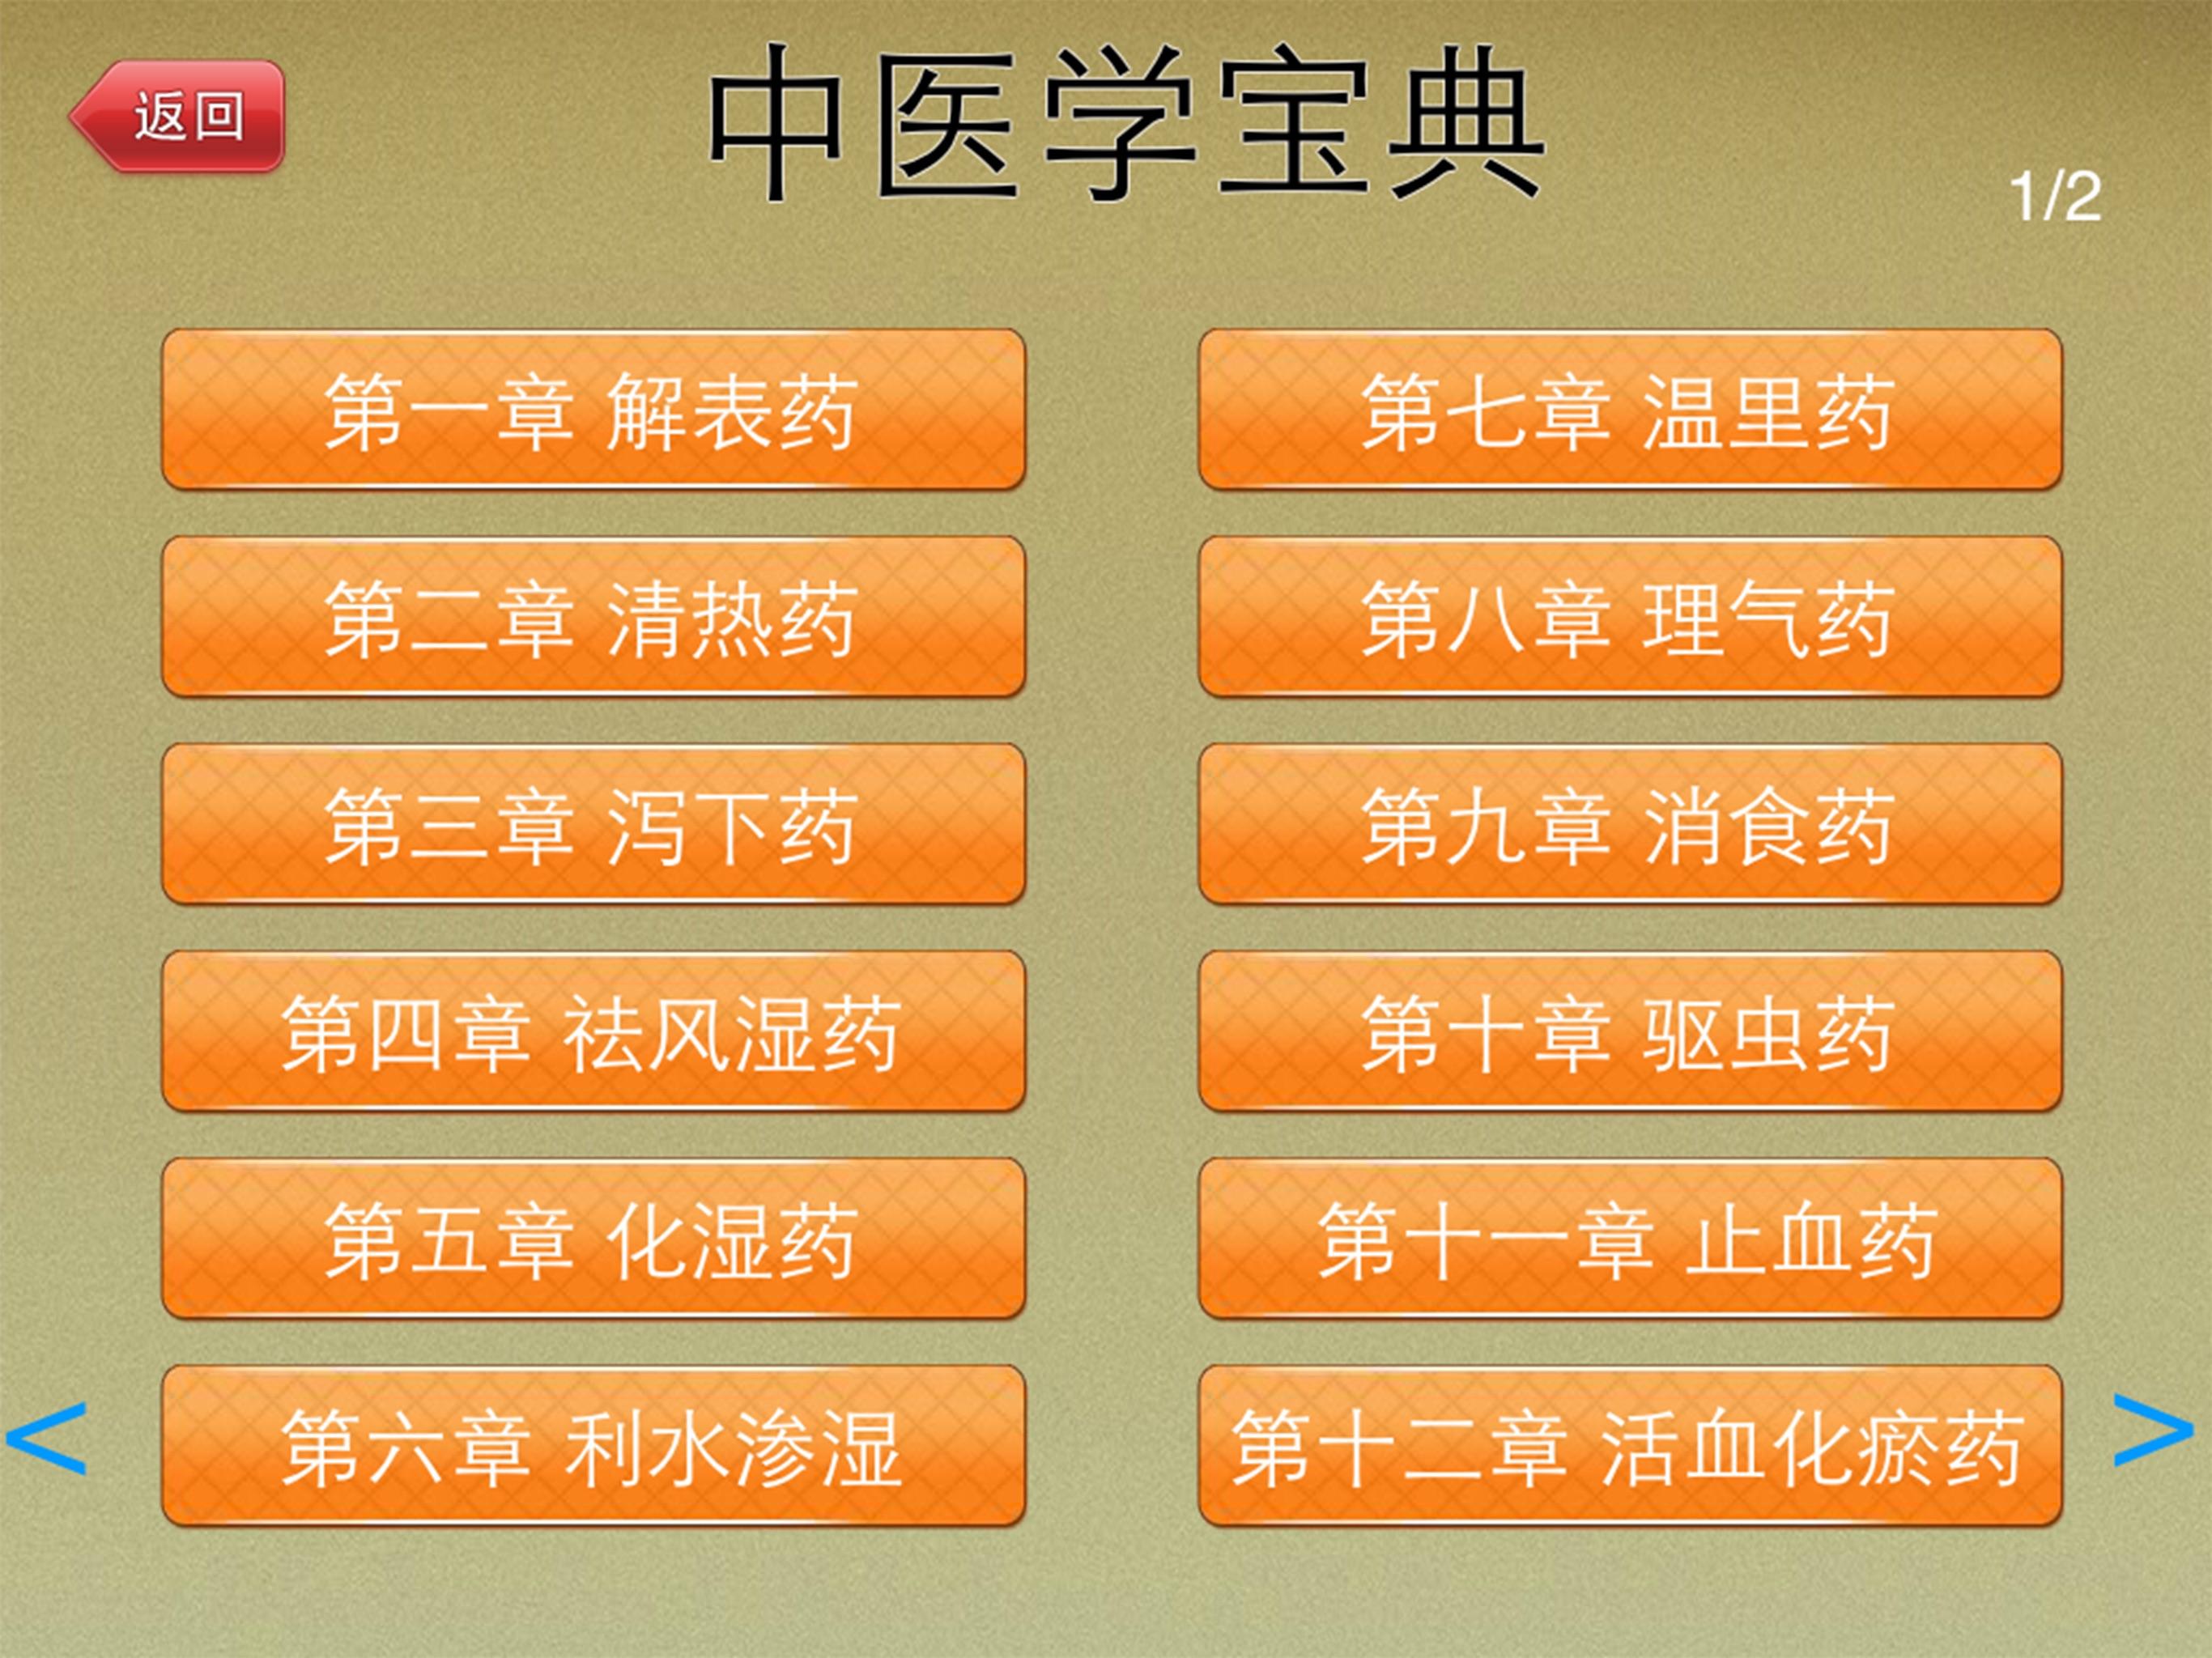 中医学宝典HD 首款全方位介绍中药材宝典 Screenshot